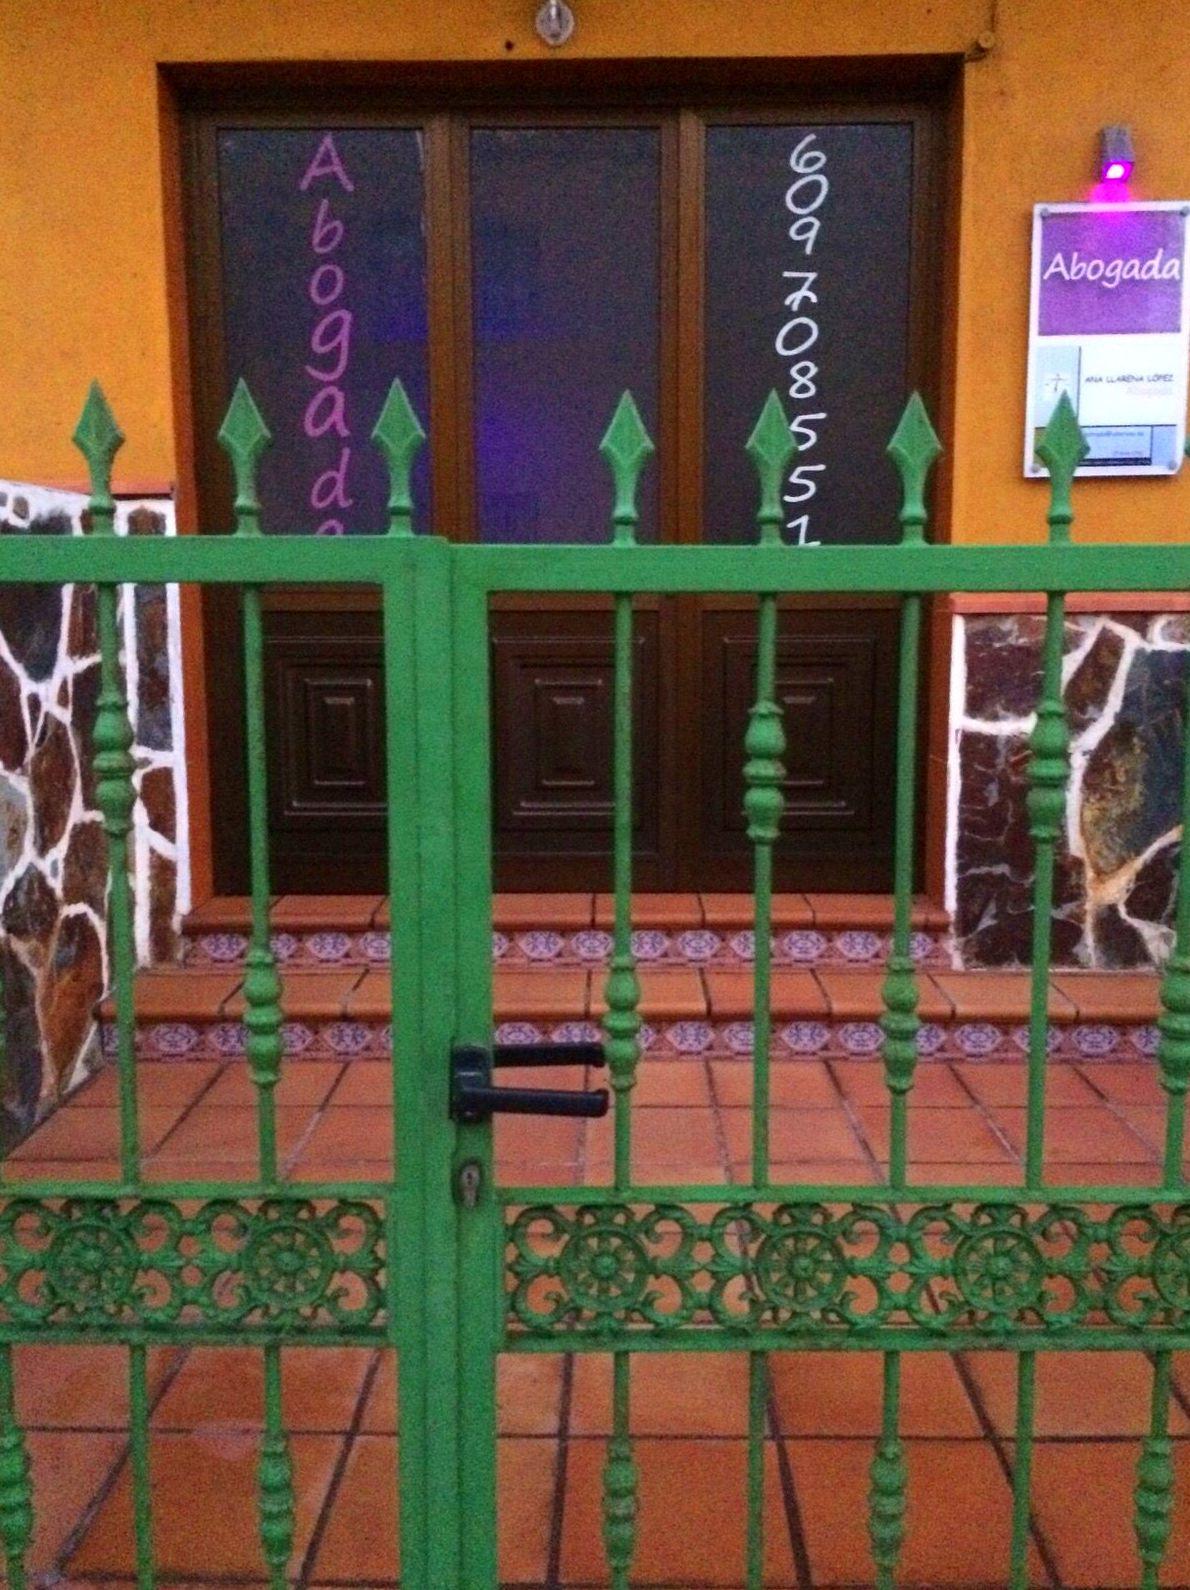 Foto 12 de Abogados en Candelaria | Consultoría y Defensa Legal Ana Llarena López